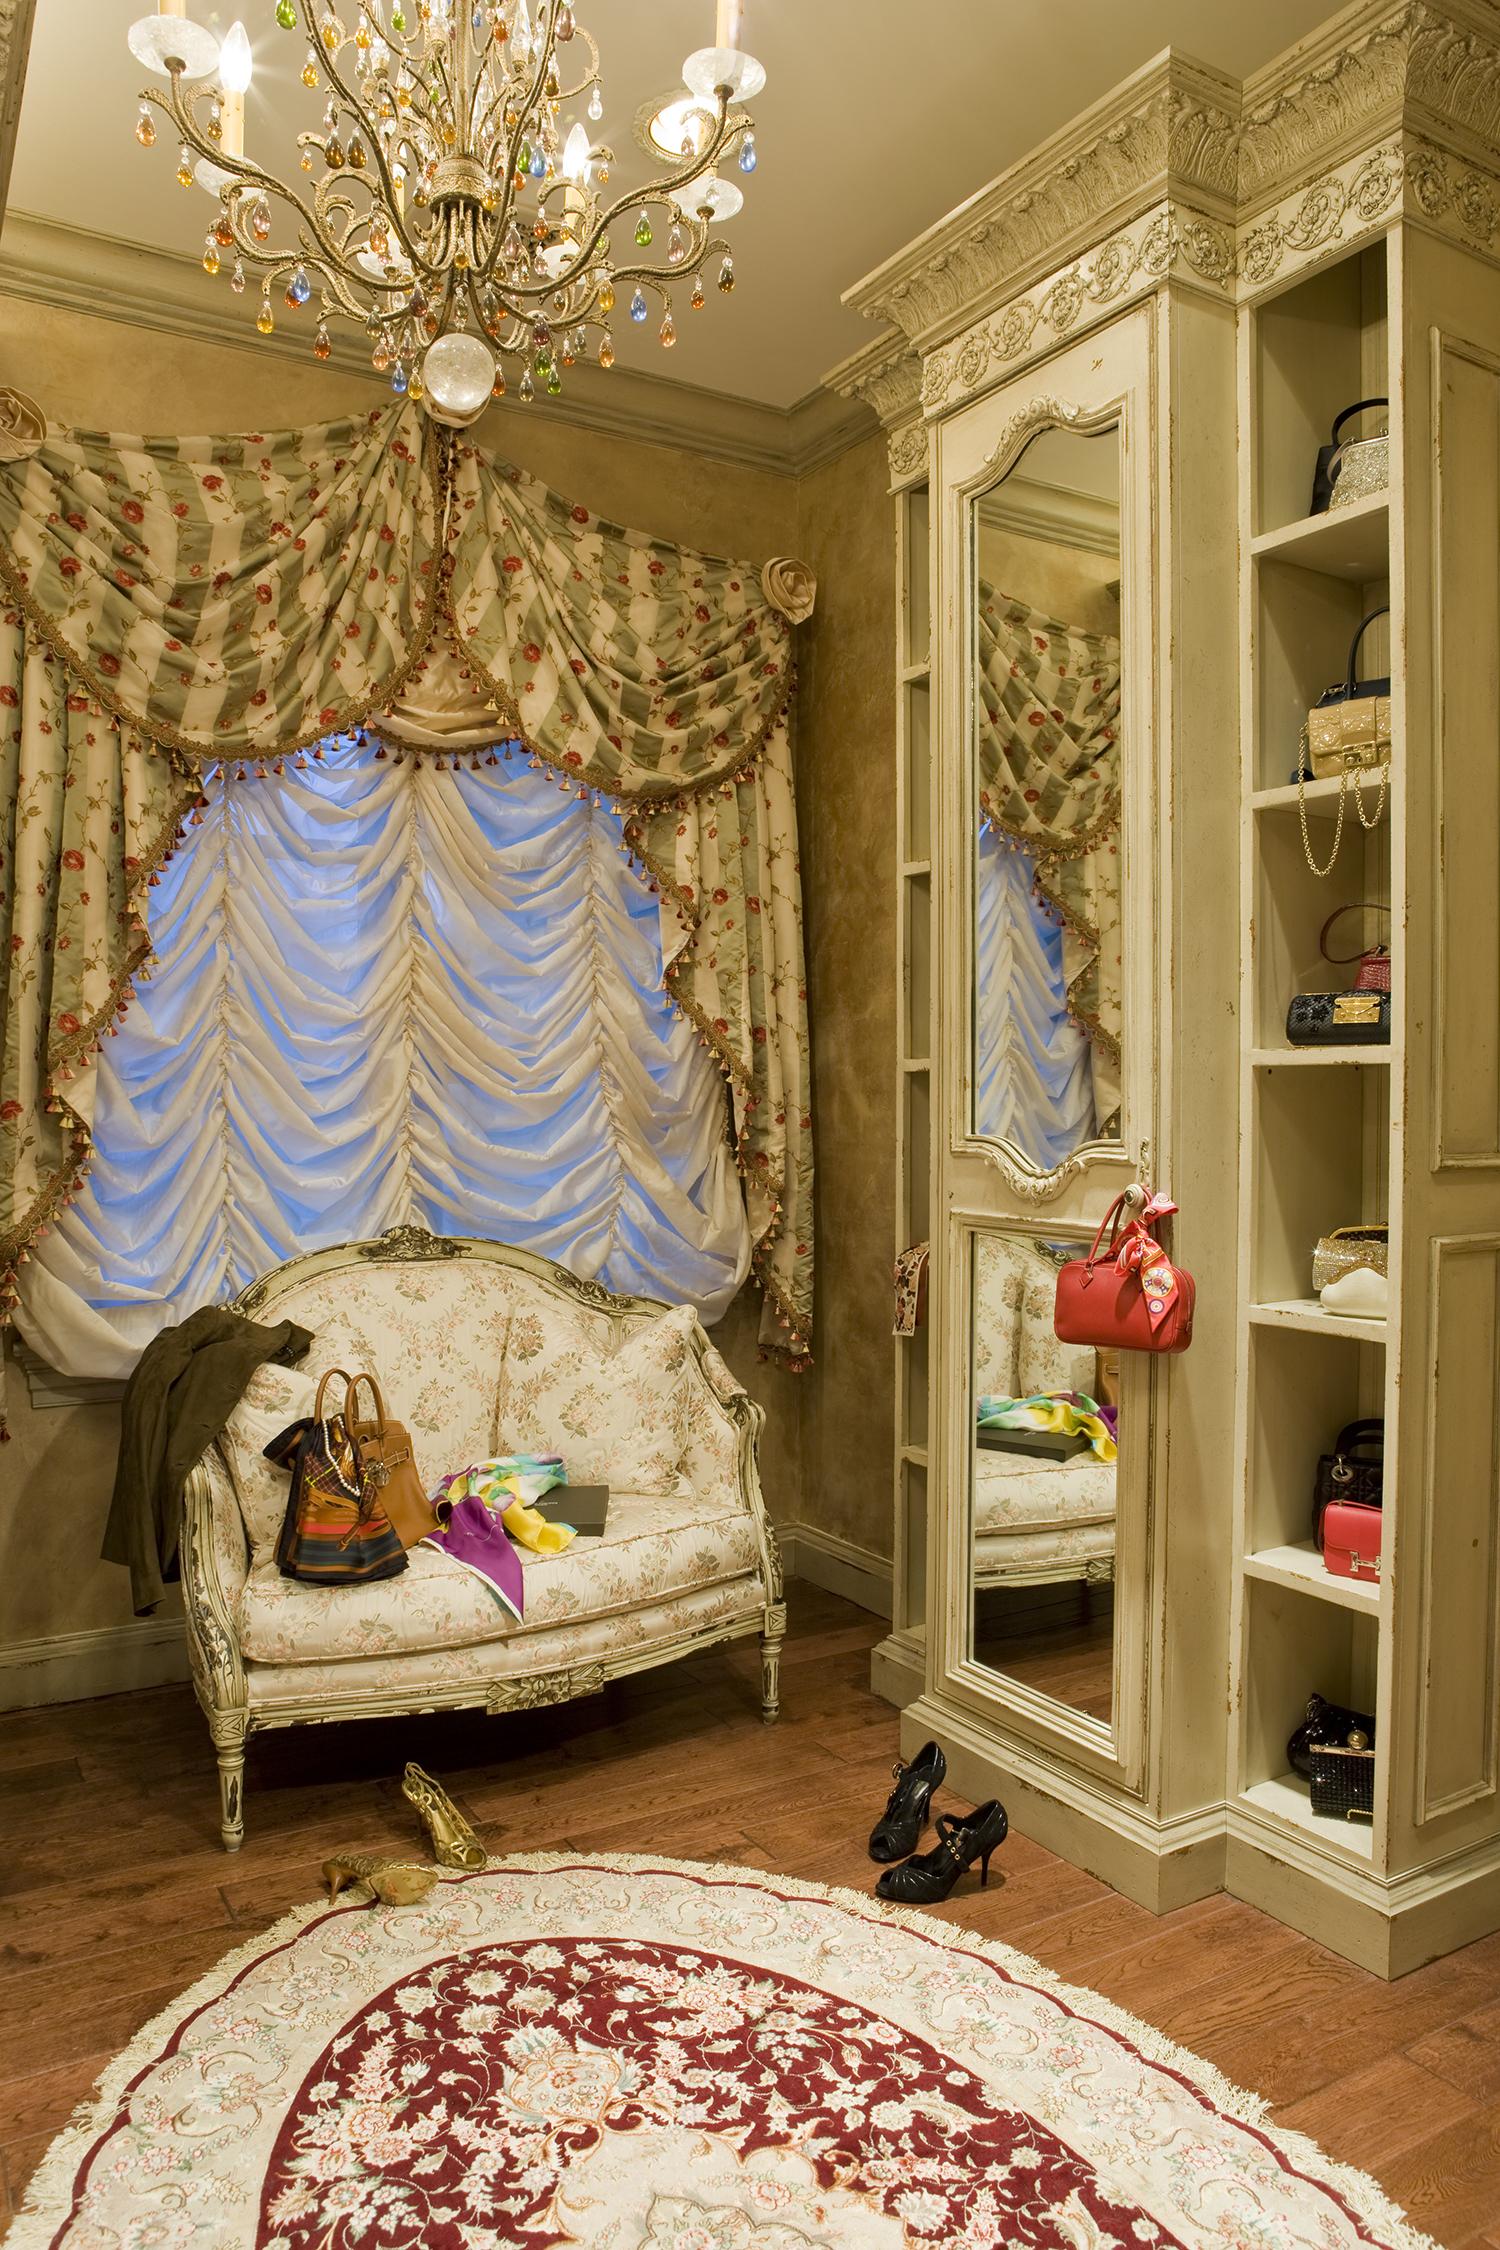 Feminine Closet Design with luxury curtains